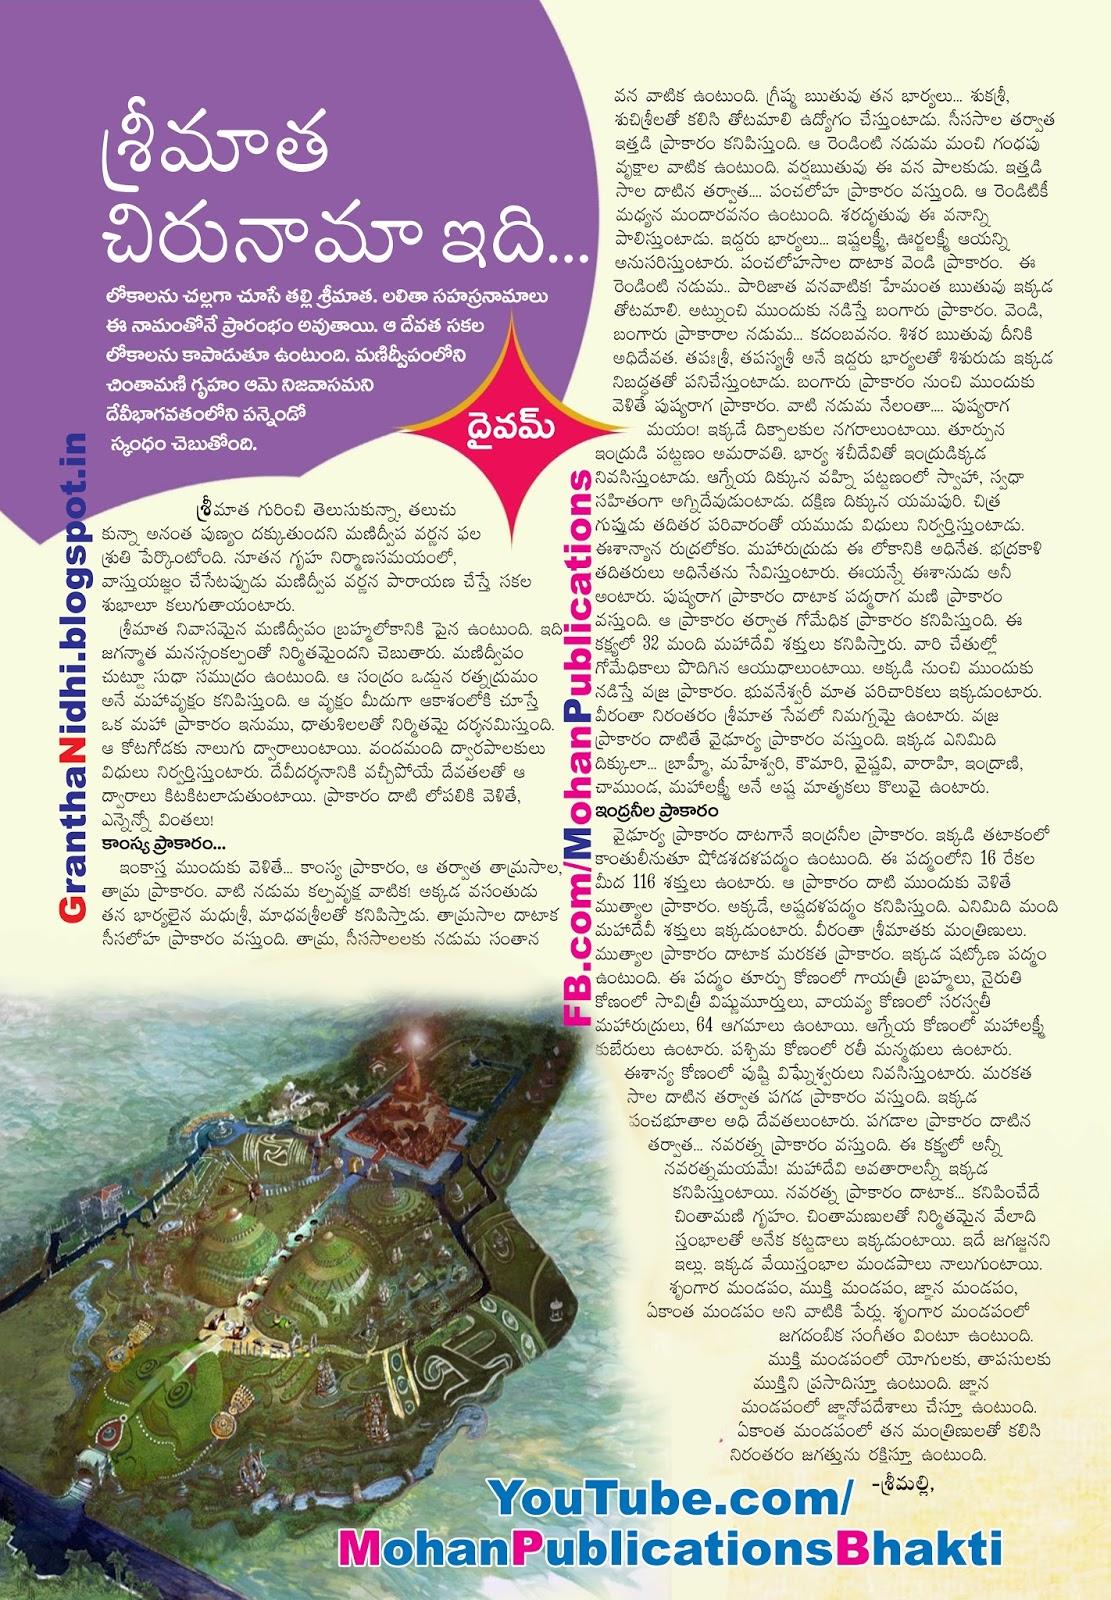 శ్రీ మాత చిరునామా ఇది...! Sri Maatha Sri Lalitha Devi Sri Lalitha-Vishnu Lalitha-Vishnu Sri Lalitha Devi Sri Lalitha Tripurasundari Mohan Publications  Lalitha-Vishnu Manidweepa varnana Manidweepam Publications in Rajahmundry, Books Publisher in Rajahmundry, Popular Publisher in Rajahmundry, BhaktiPustakalu, Makarandam, Bhakthi Pustakalu, JYOTHISA,VASTU,MANTRA, TANTRA,YANTRA,RASIPALITALU, BHAKTI,LEELA,BHAKTHI SONGS, BHAKTHI,LAGNA,PURANA,NOMULU, VRATHAMULU,POOJALU,  KALABHAIRAVAGURU, SAHASRANAMAMULU,KAVACHAMULU, ASHTORAPUJA,KALASAPUJALU, KUJA DOSHA,DASAMAHAVIDYA, SADHANALU,MOHAN PUBLICATIONS, RAJAHMUNDRY BOOK STORE, BOOKS,DEVOTIONAL BOOKS, KALABHAIRAVA GURU,KALABHAIRAVA, RAJAMAHENDRAVARAM,GODAVARI,GOWTHAMI, FORTGATE,KOTAGUMMAM,GODAVARI RAILWAY STATION, PRINT BOOKS,E BOOKS,PDF BOOKS, FREE PDF BOOKS,BHAKTHI MANDARAM,GRANTHANIDHI, GRANDANIDI,GRANDHANIDHI, BHAKTHI PUSTHAKALU, BHAKTI PUSTHAKALU, BHAKTHI